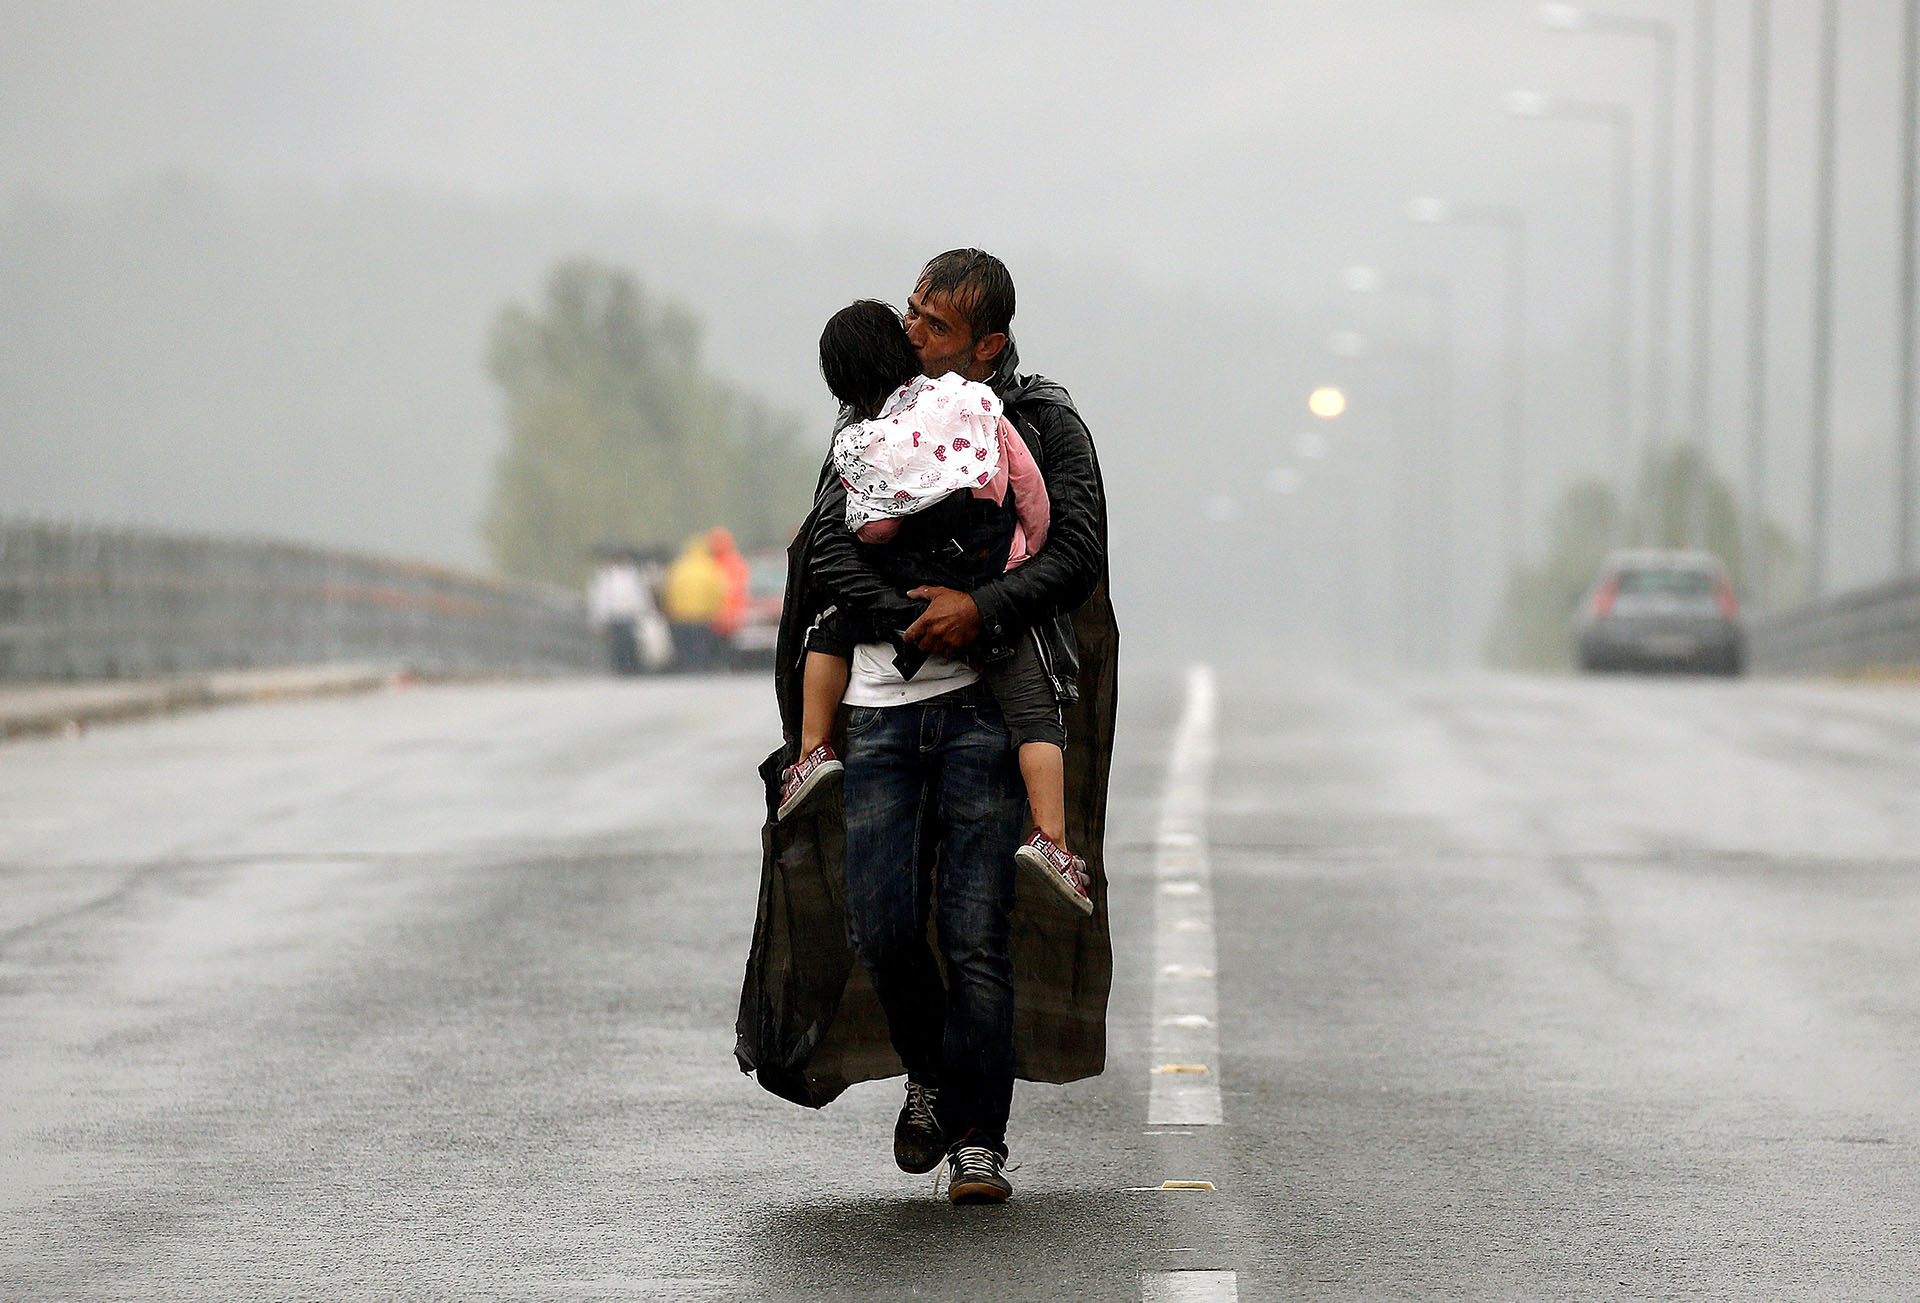 Un refugiado sirio besa a su hija mientras camina bajo la lluvia hacia la frontera entre Grecia y Macedonia, en septiembre de 2015